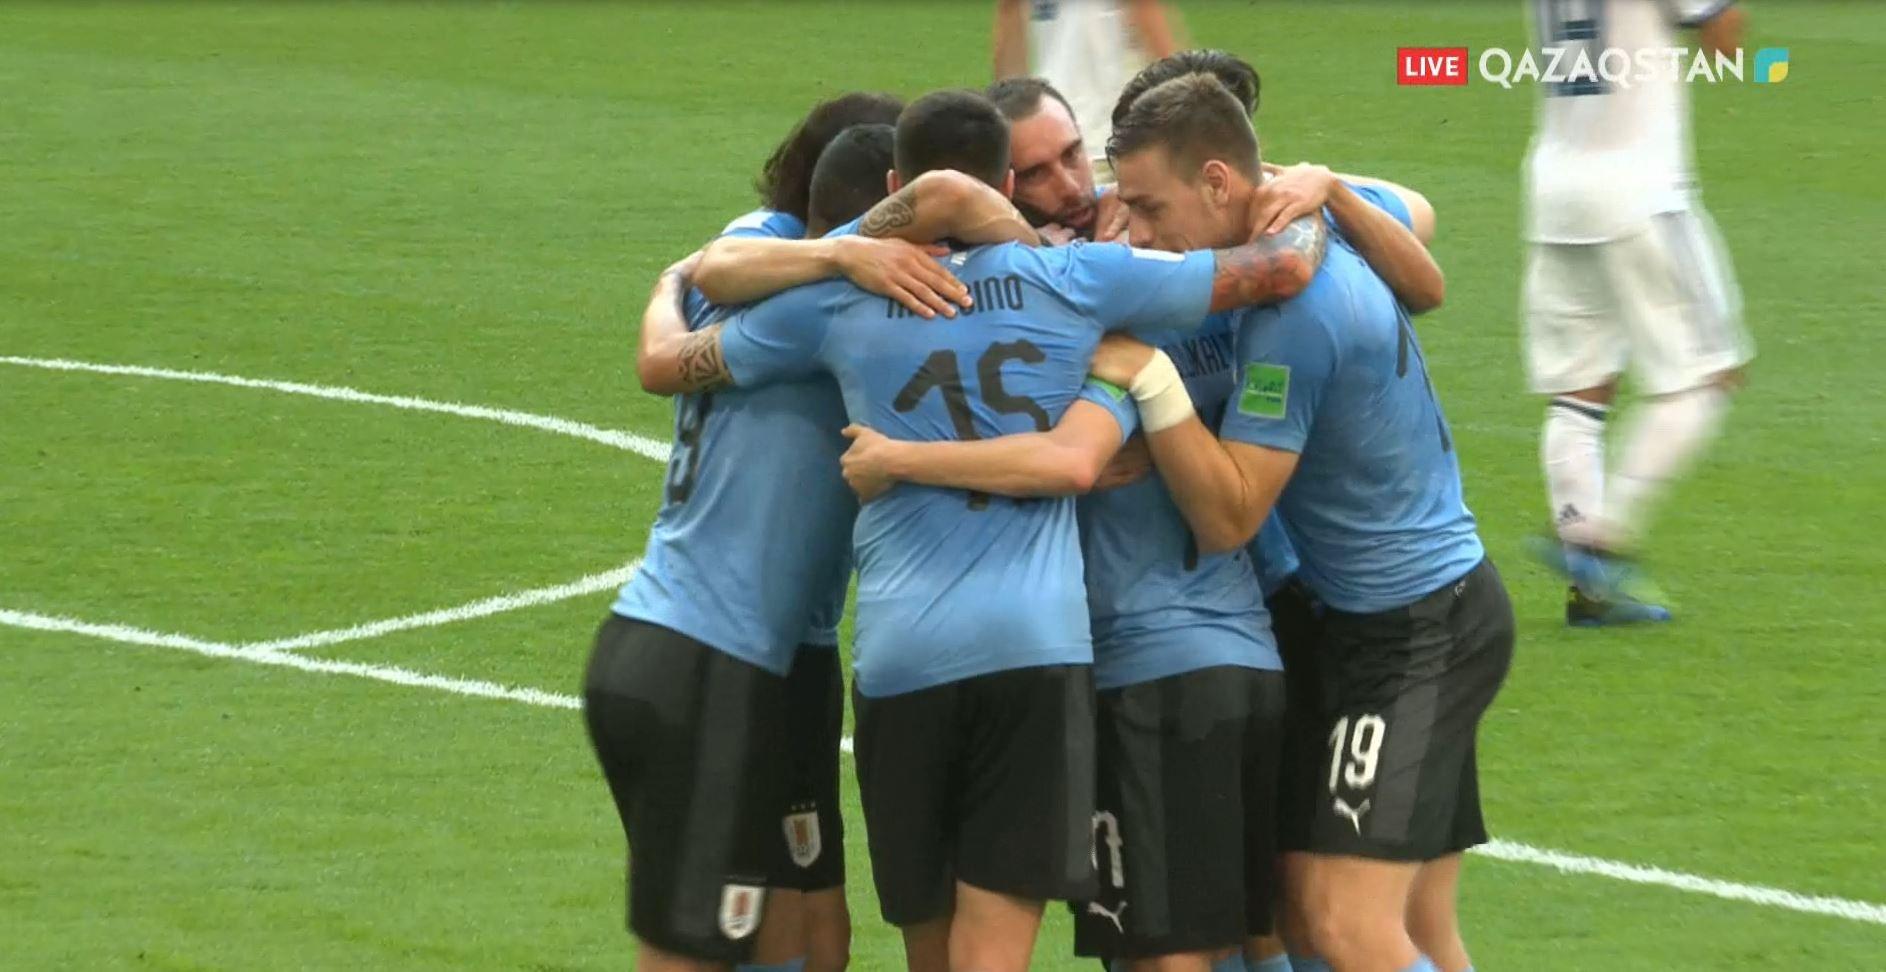 Сборная Уругвая обыграла Россию со счетом 3:0 в матче ЧМ-2018